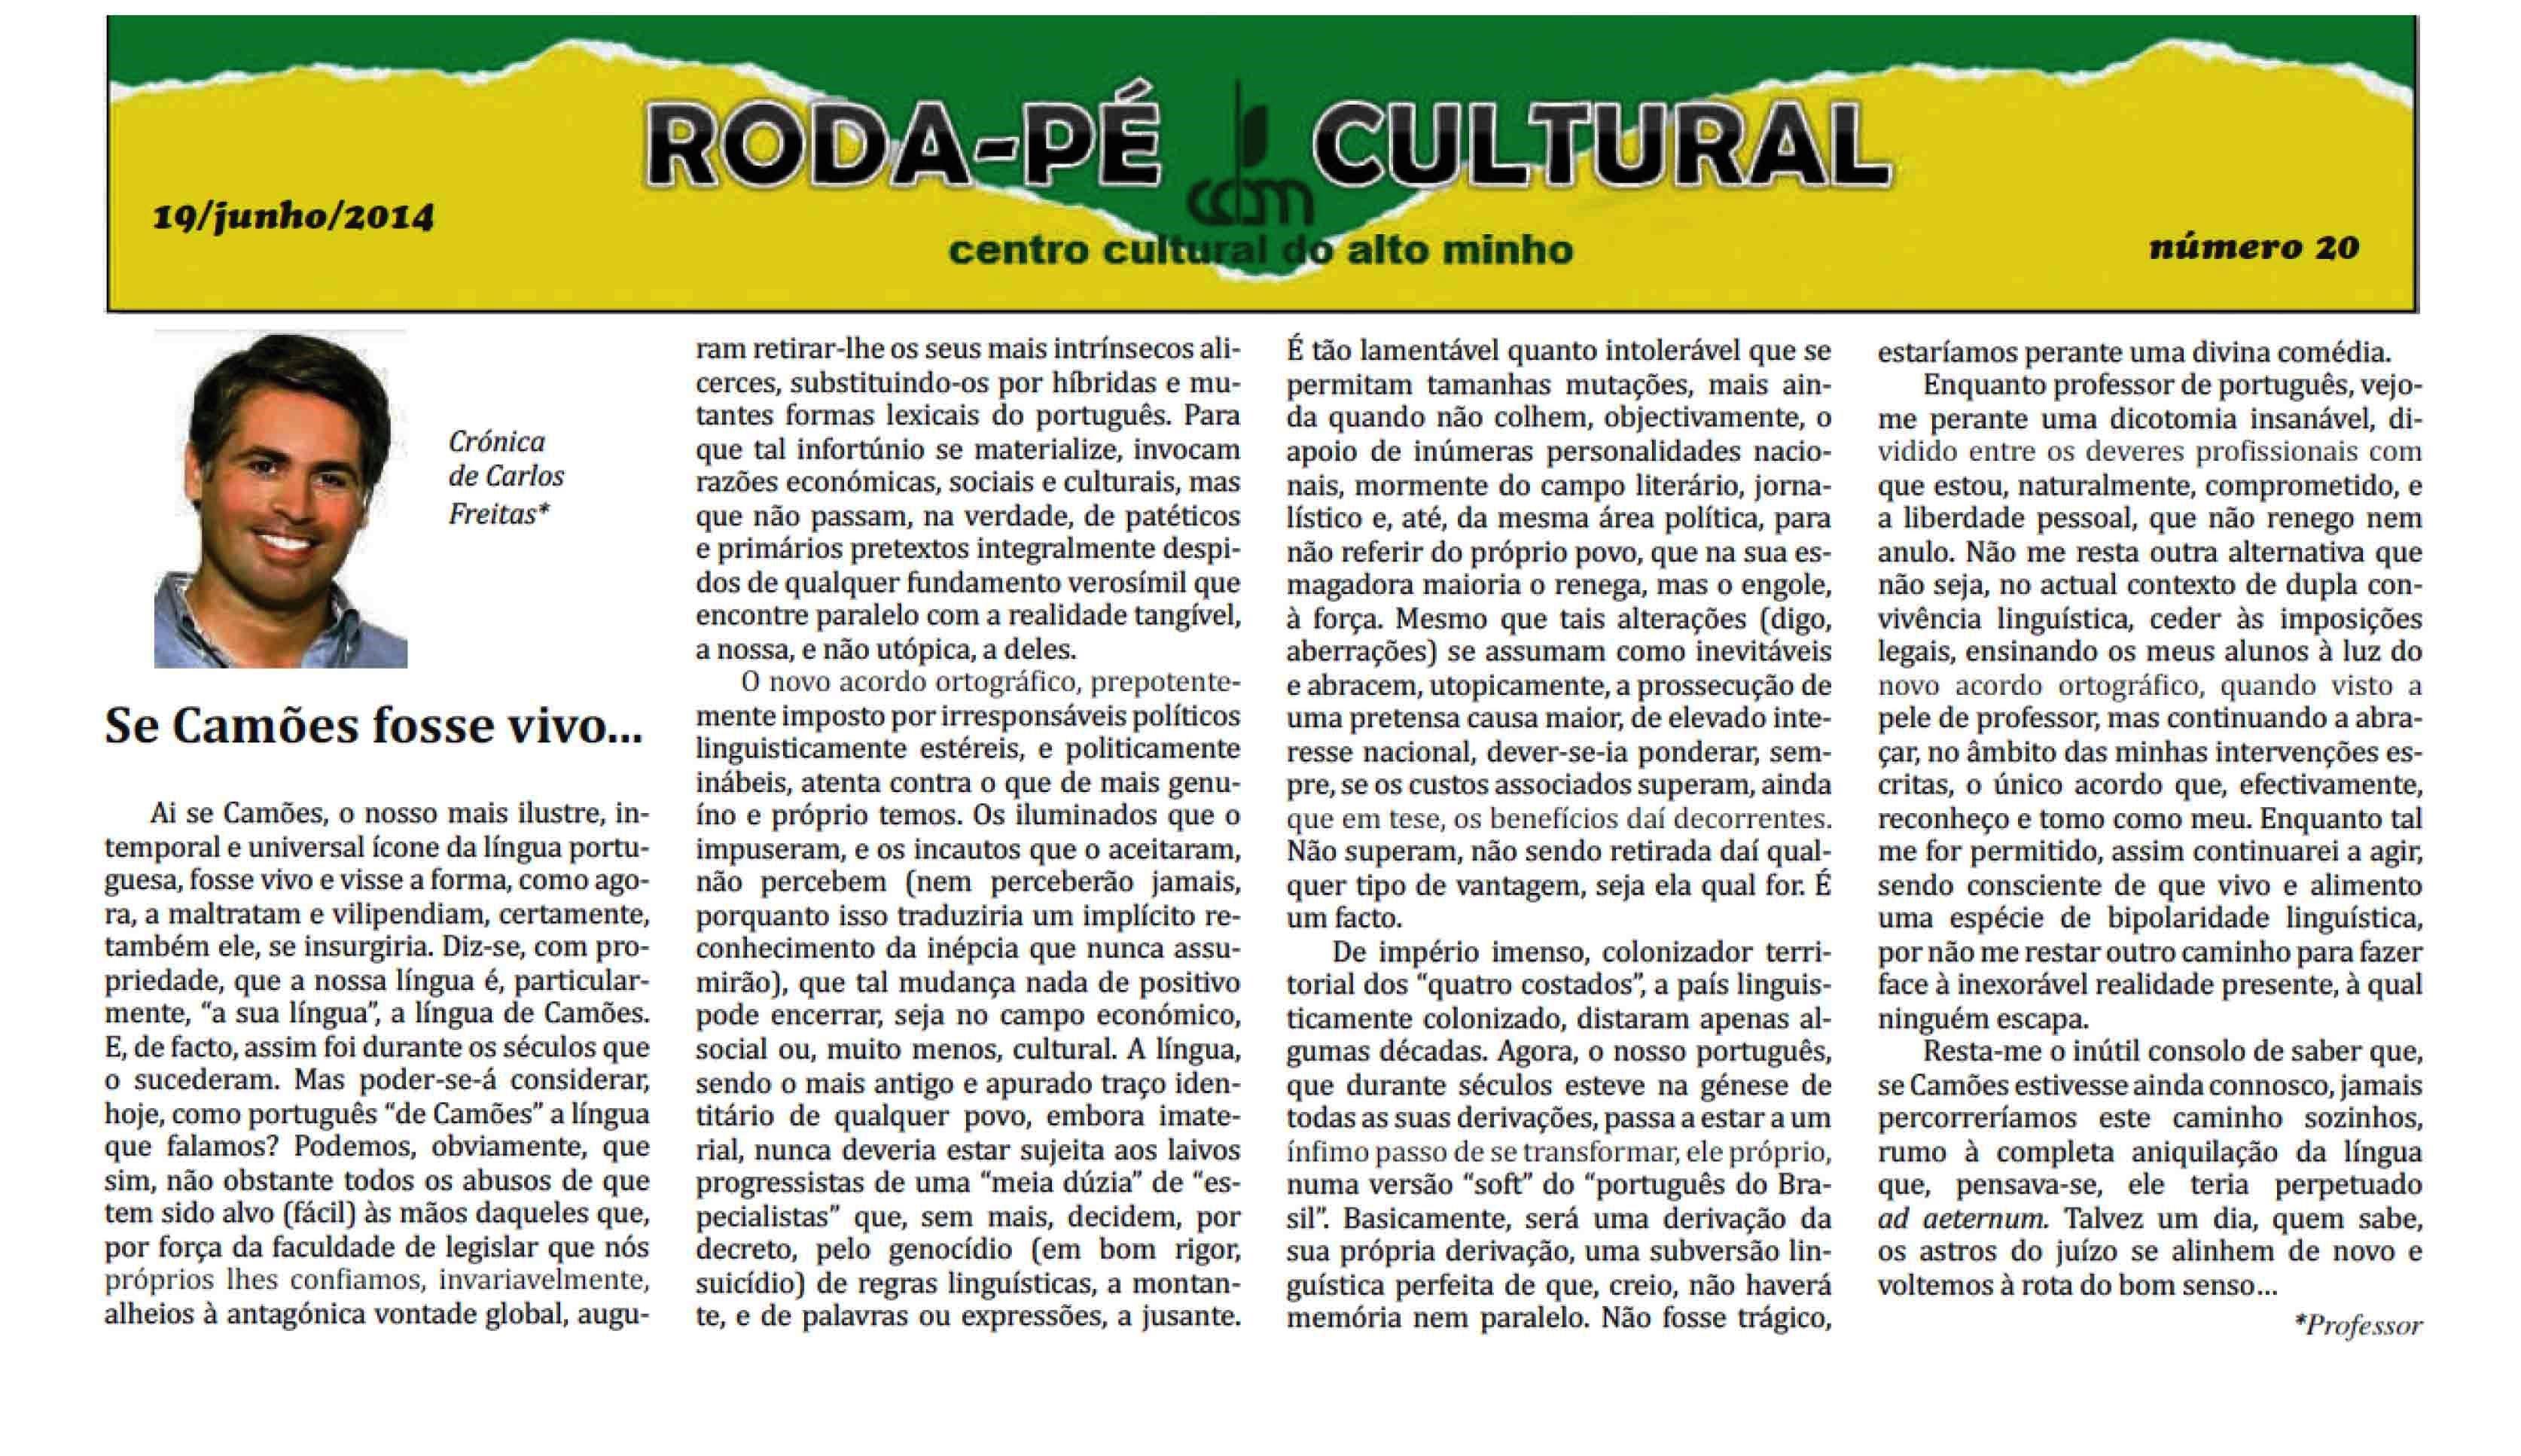 https://sites.google.com/a/centroculturaldoaltominho.org/ccam/actividades-realizadas/2014/Roda-P%C3%A9_20.jpg